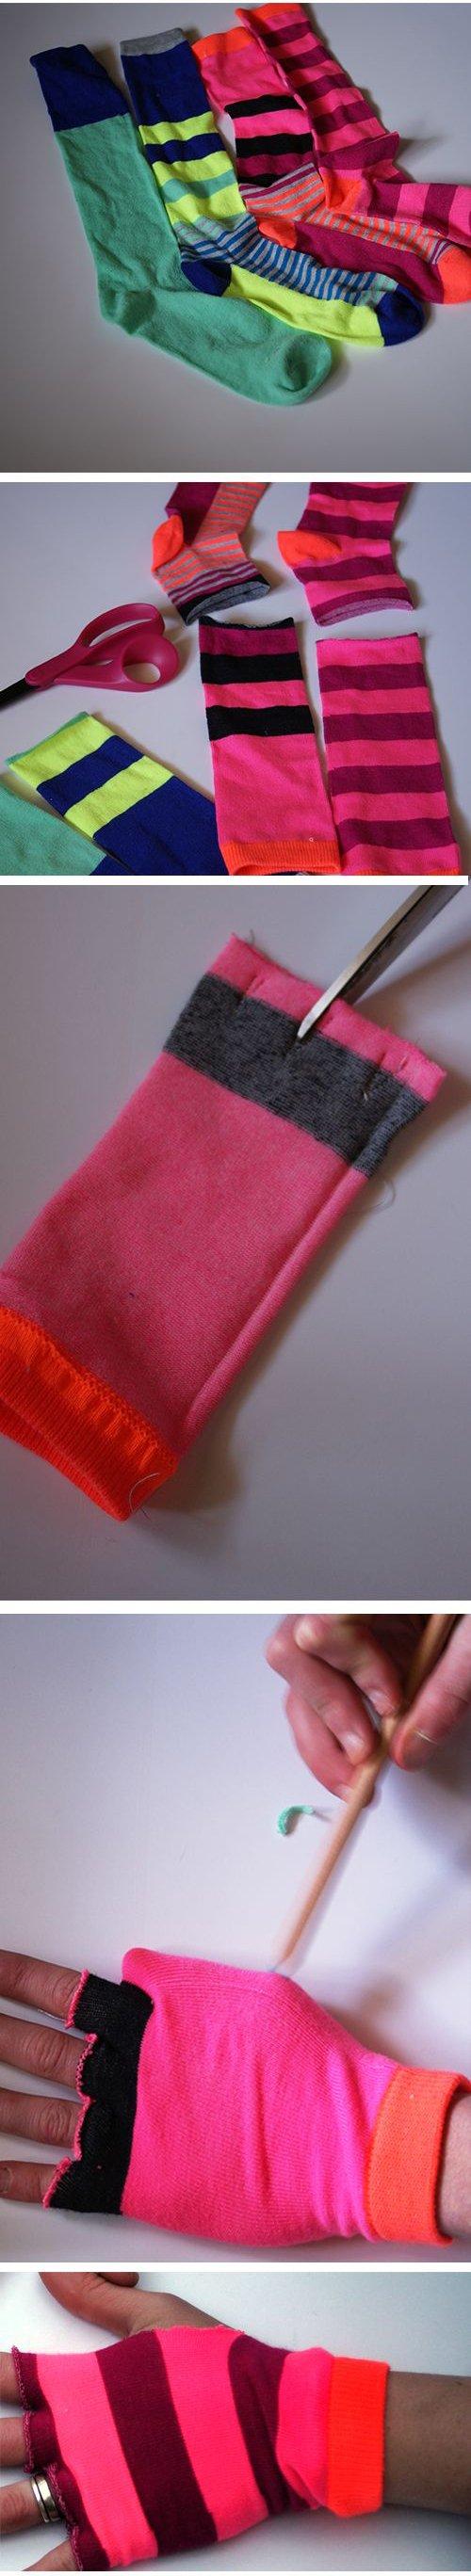 proceso para convertir viejos calcetines en unos guantes